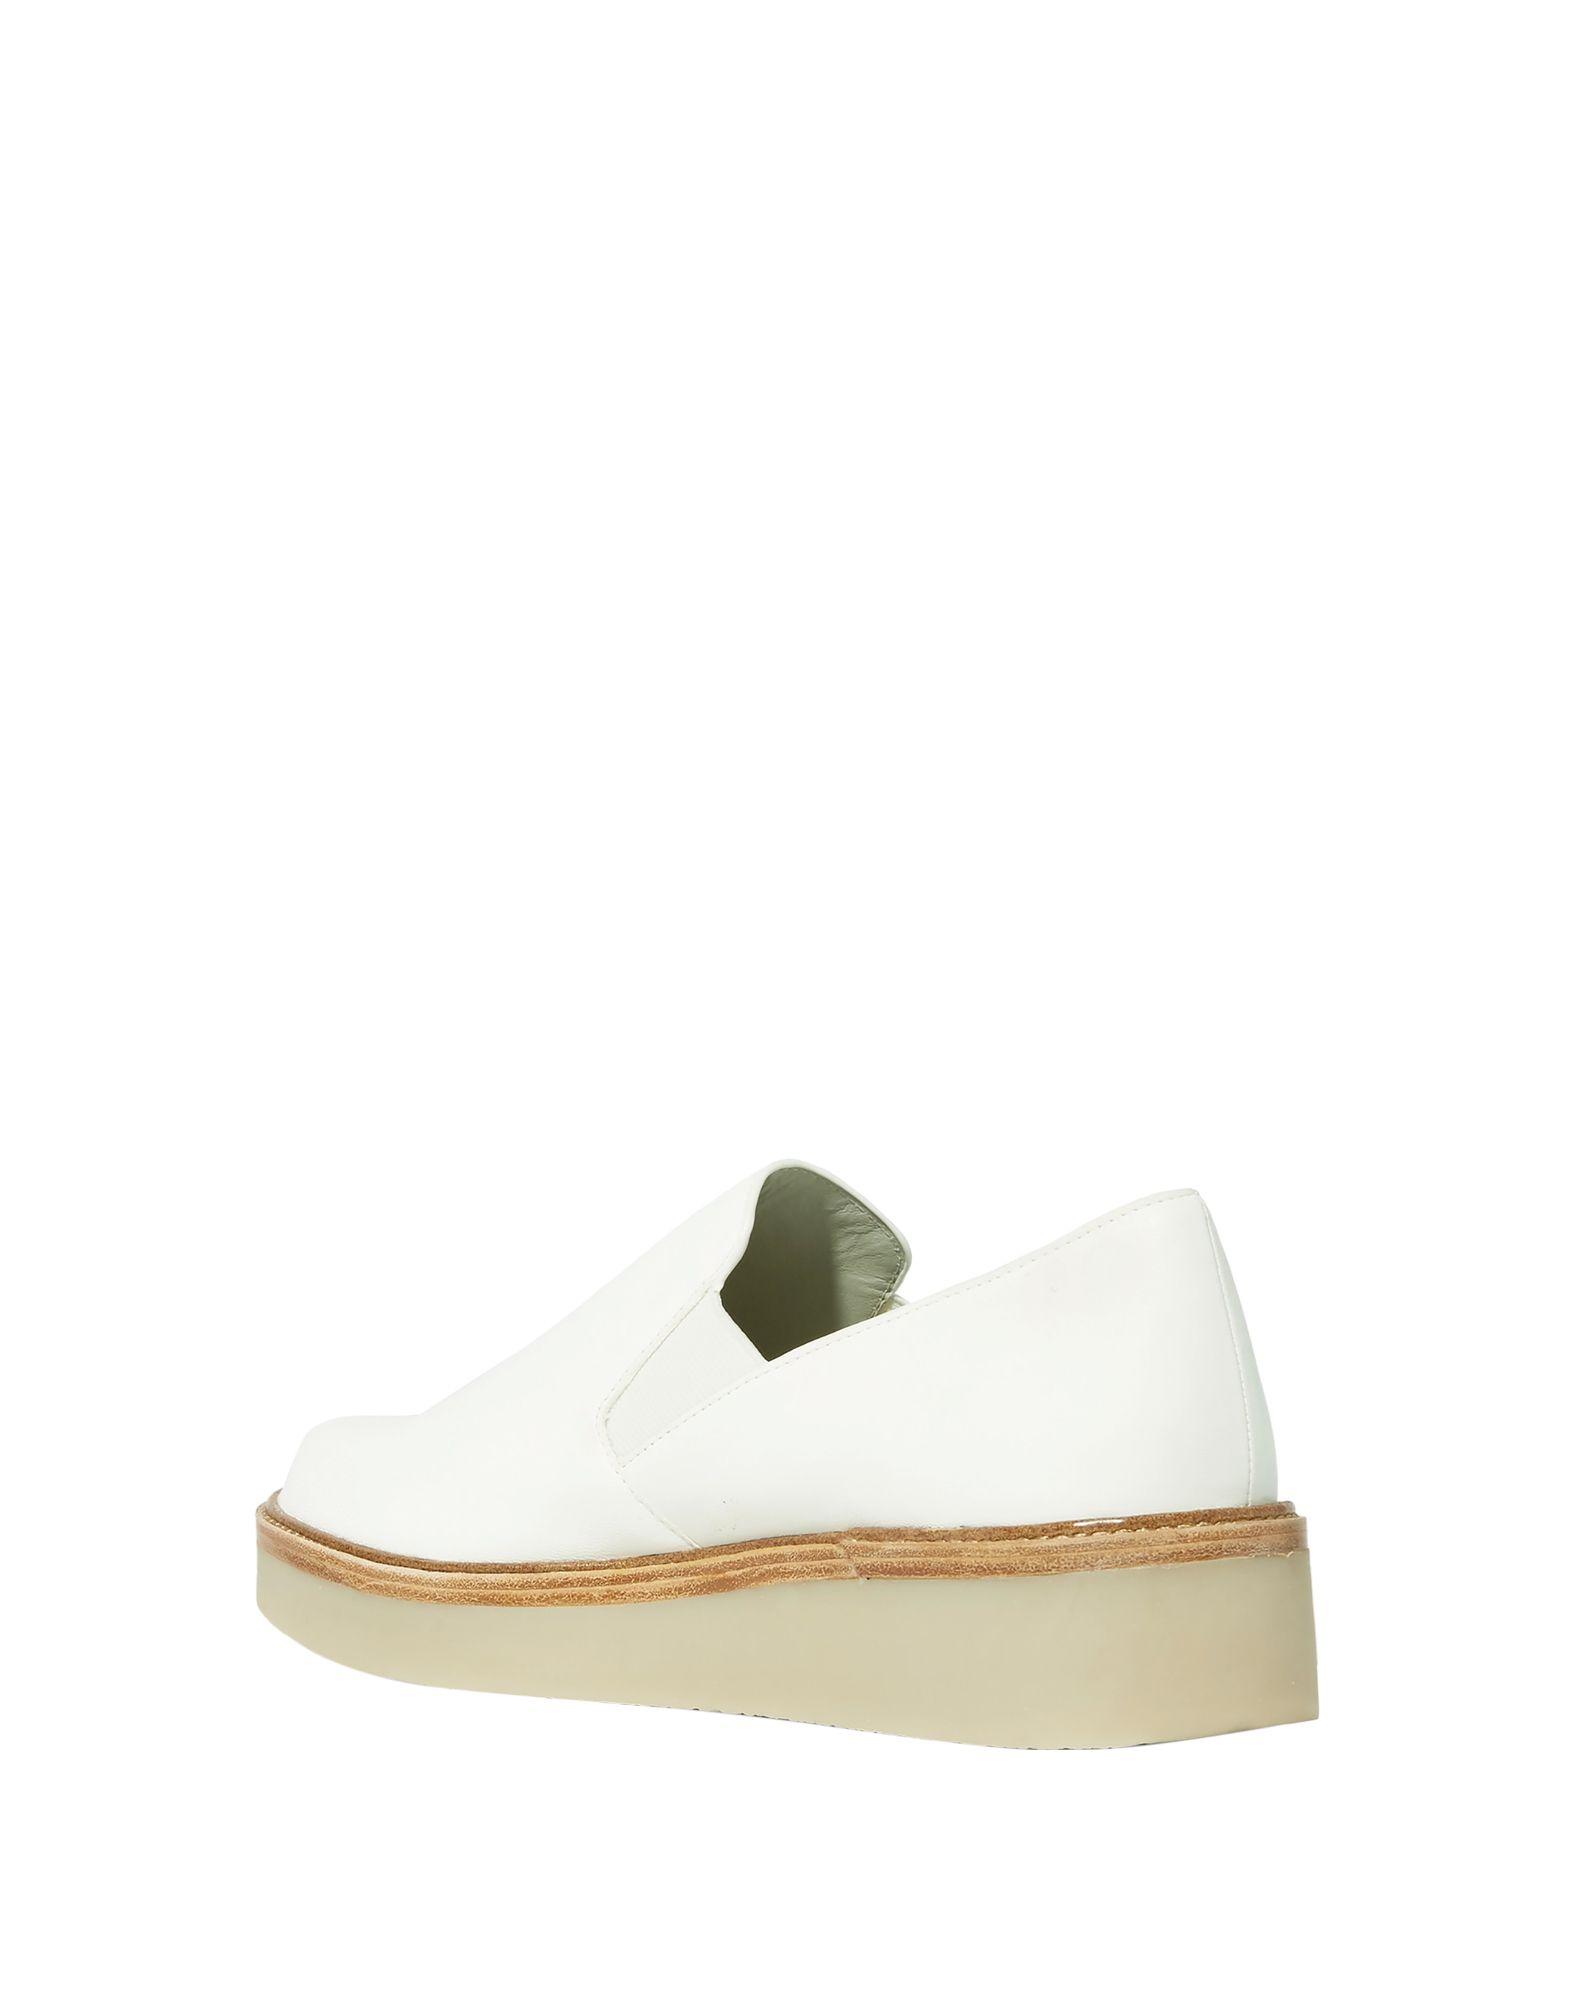 Dkny Sneakers Damen Damen Sneakers  11561216HD a58a50